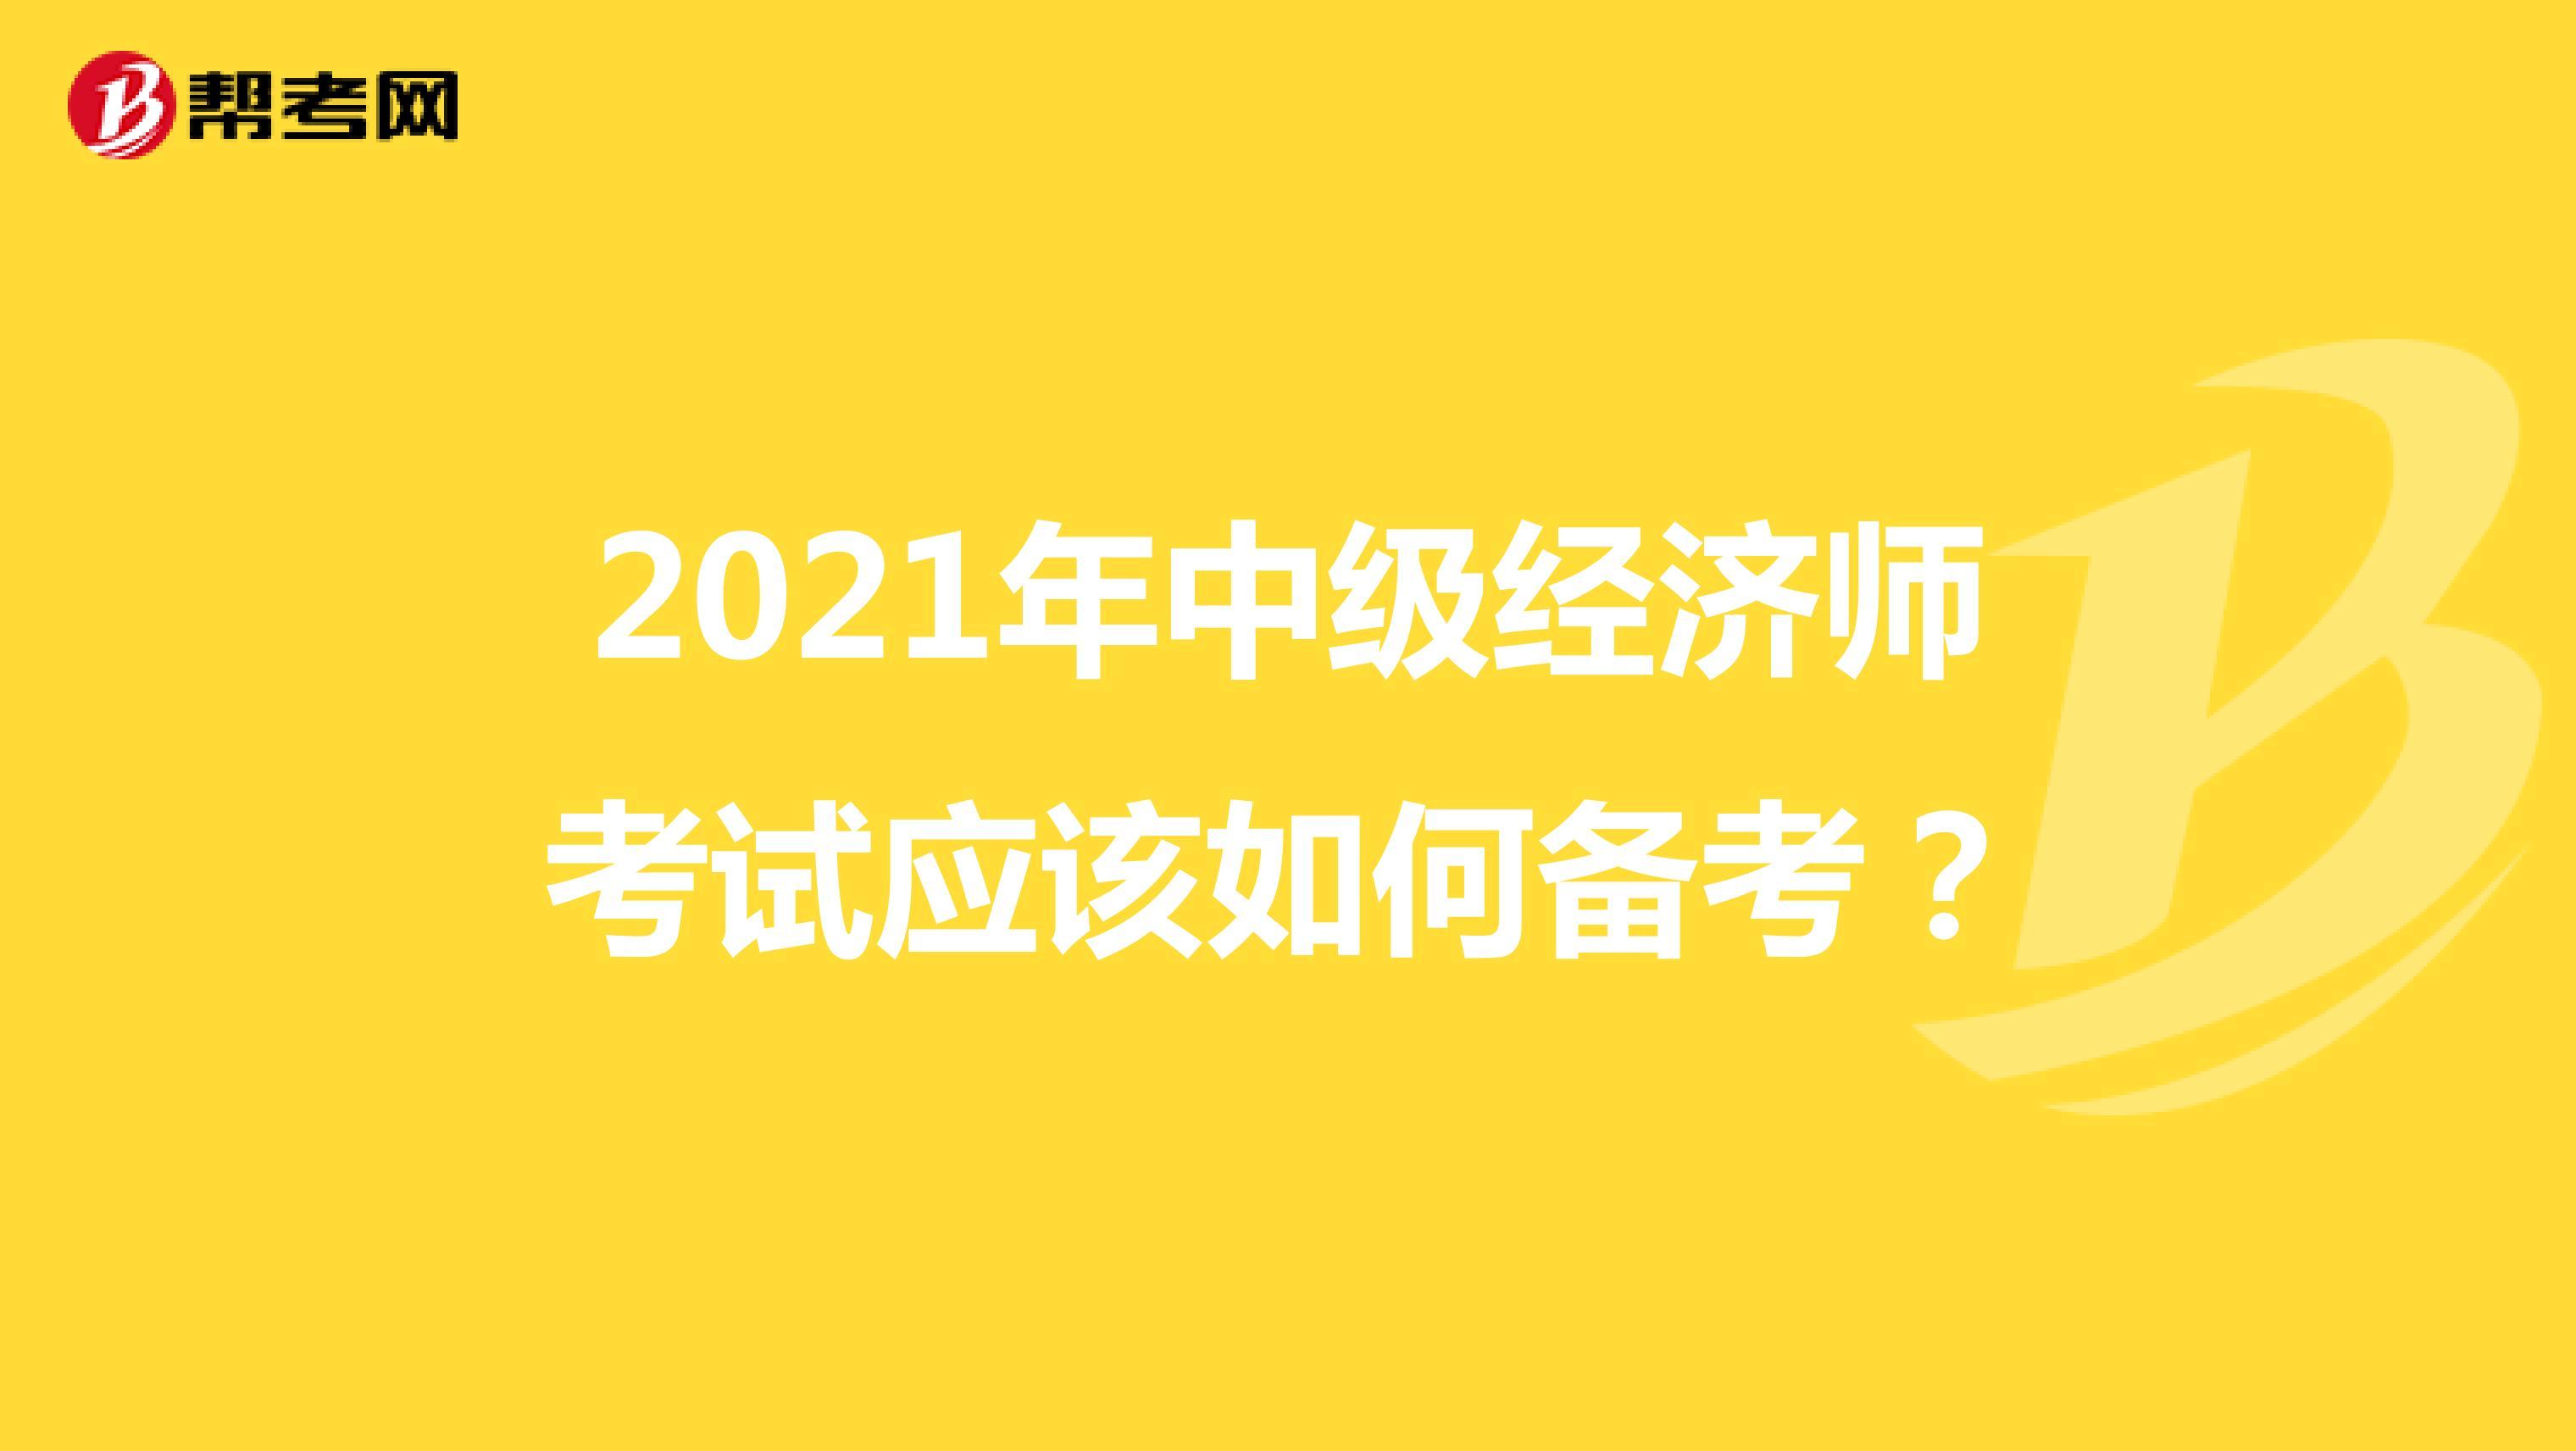 2021年中級經濟師考試應該如何備考?